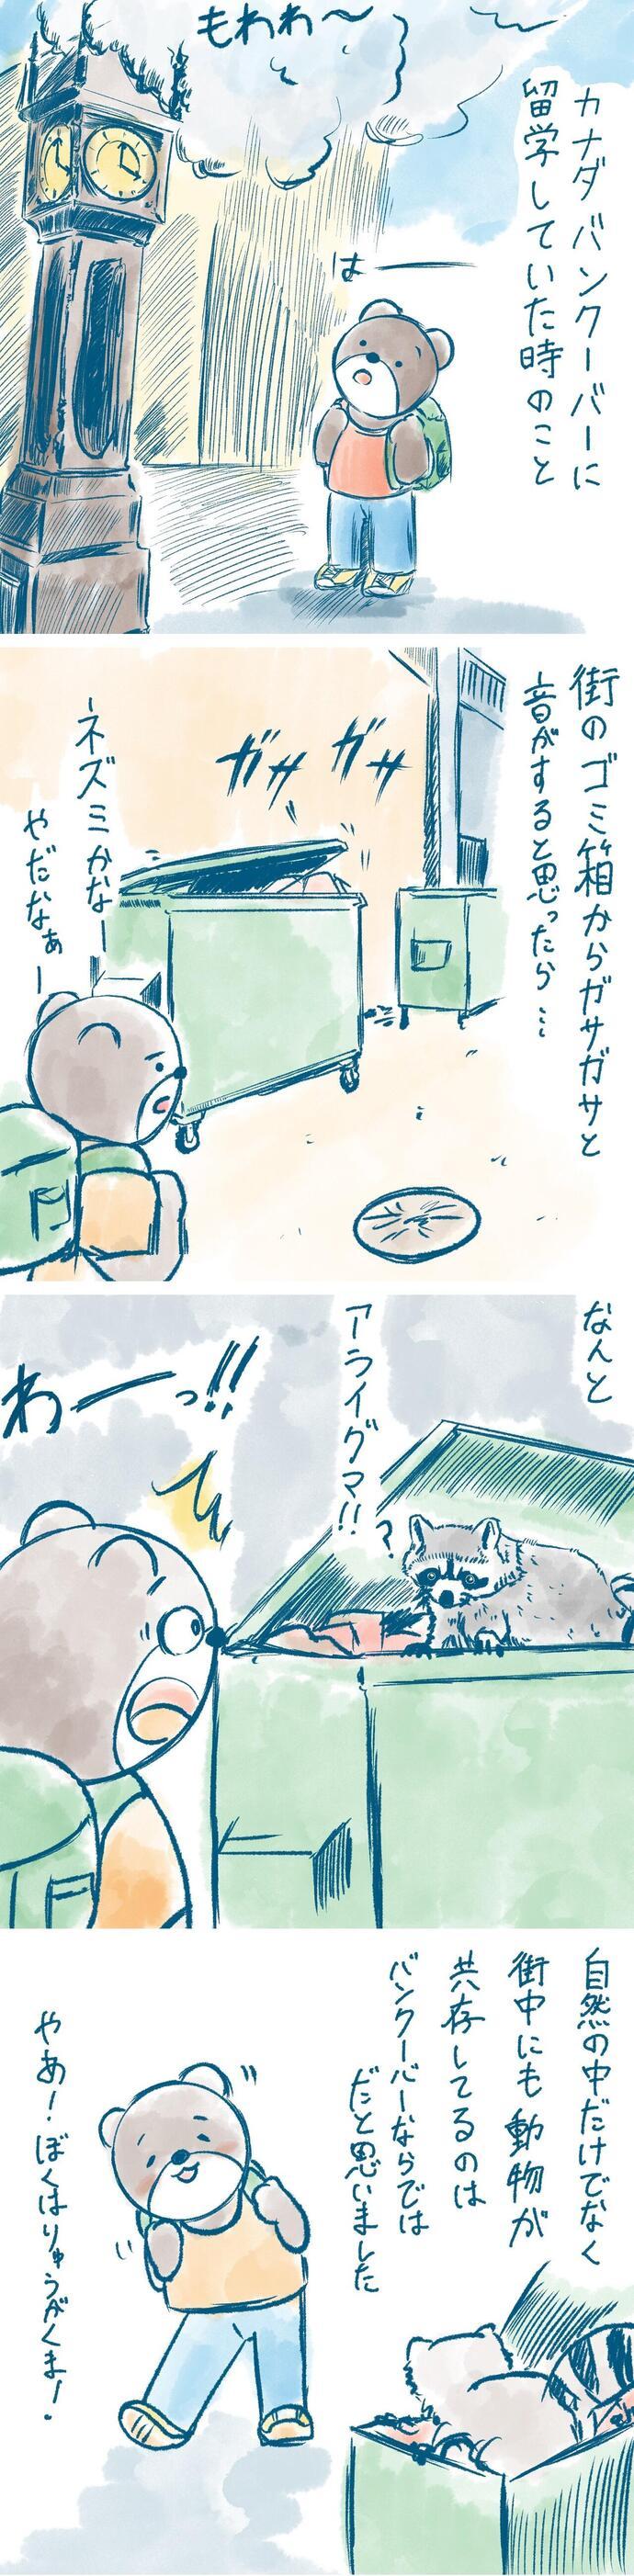 ryugakuma_07_1280.jpg